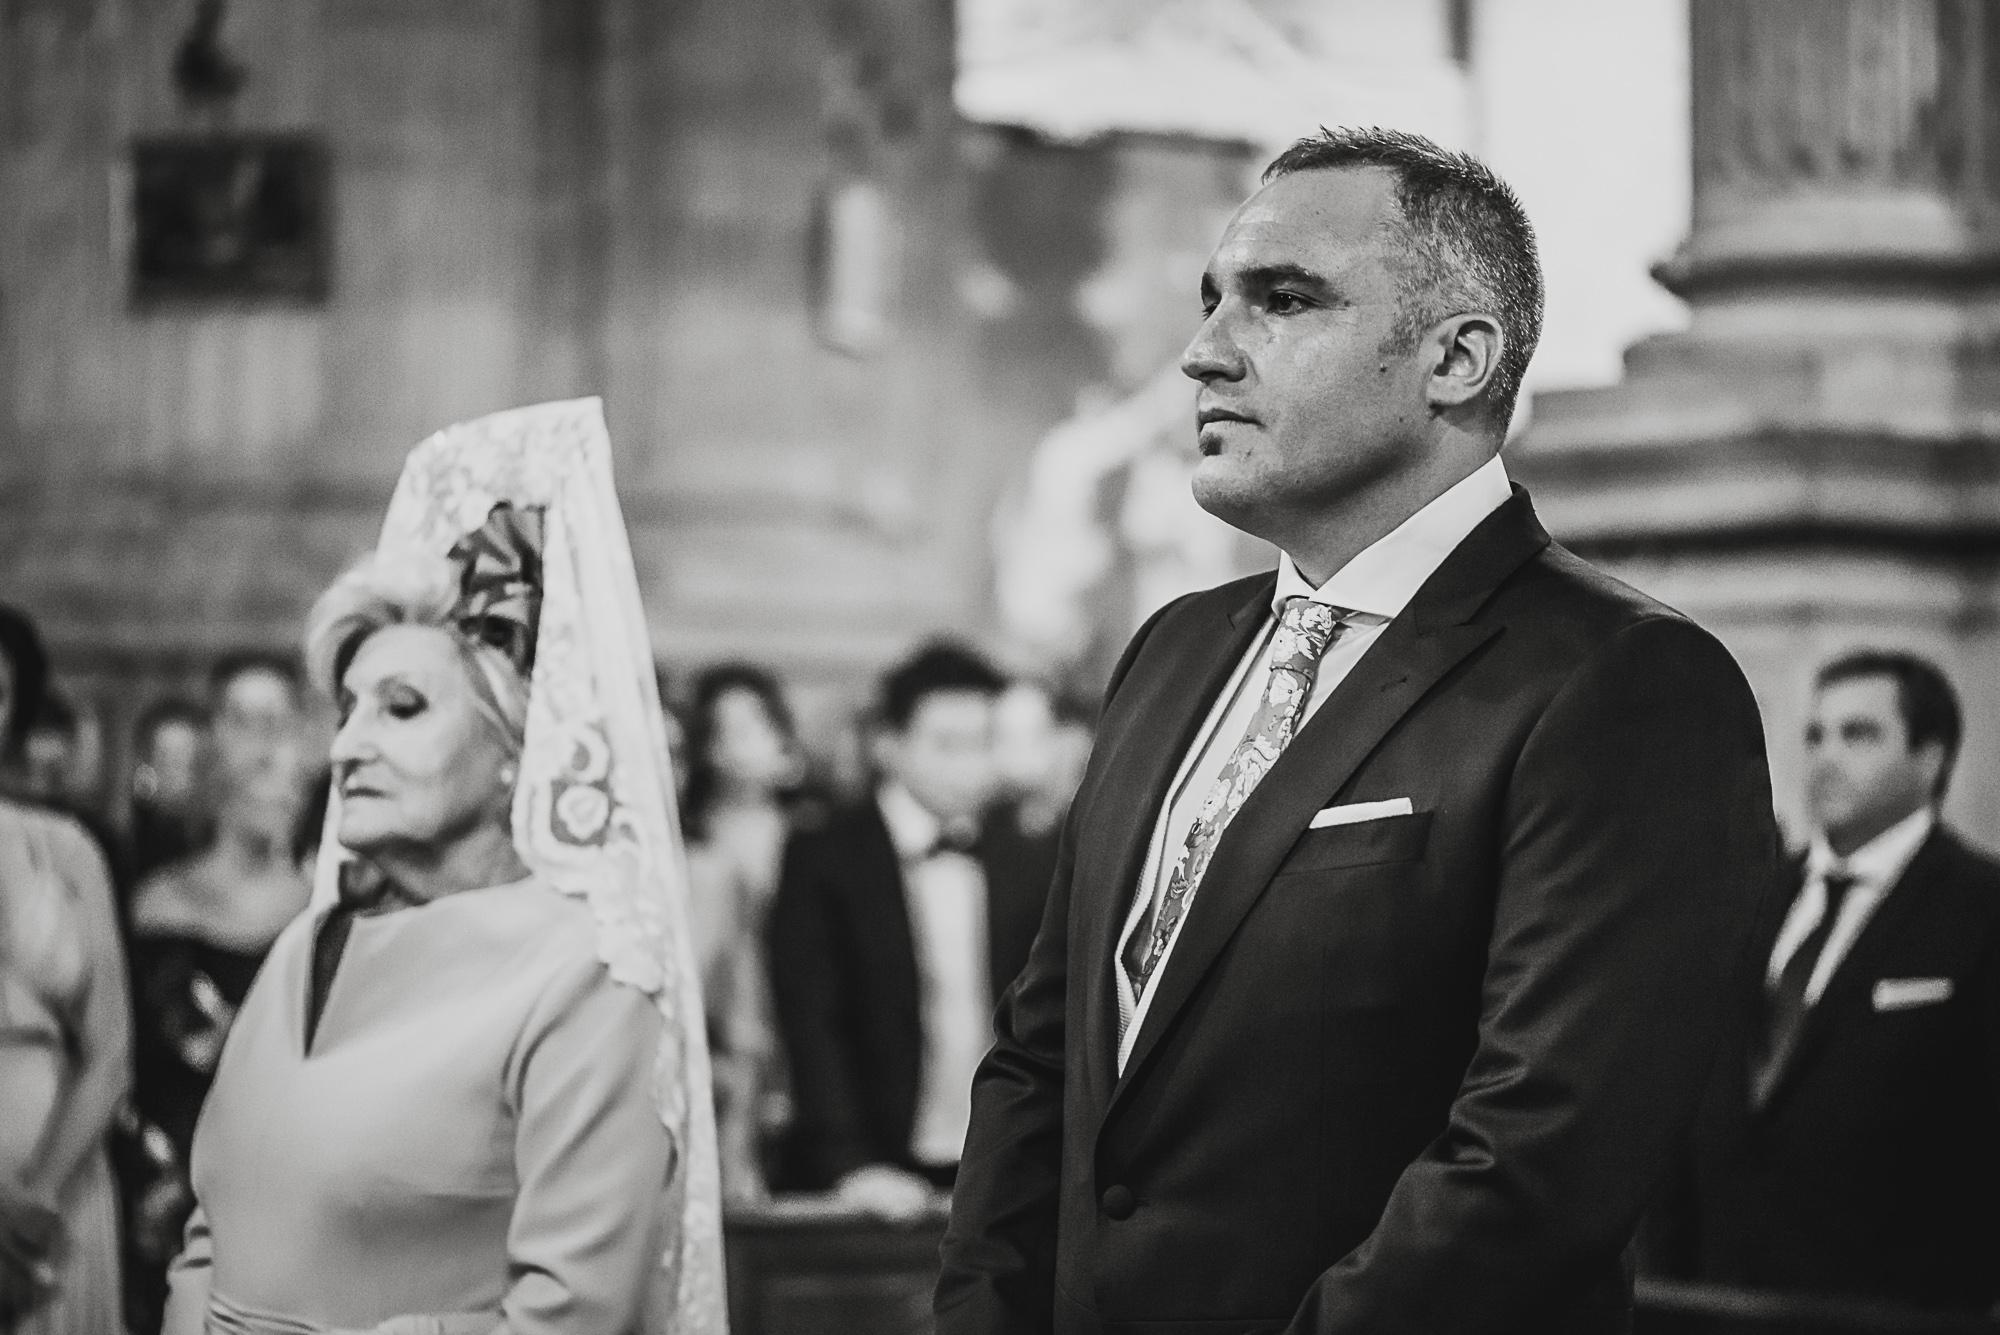 garatefotografia-fotografo-de-boda-en-Granada (79)